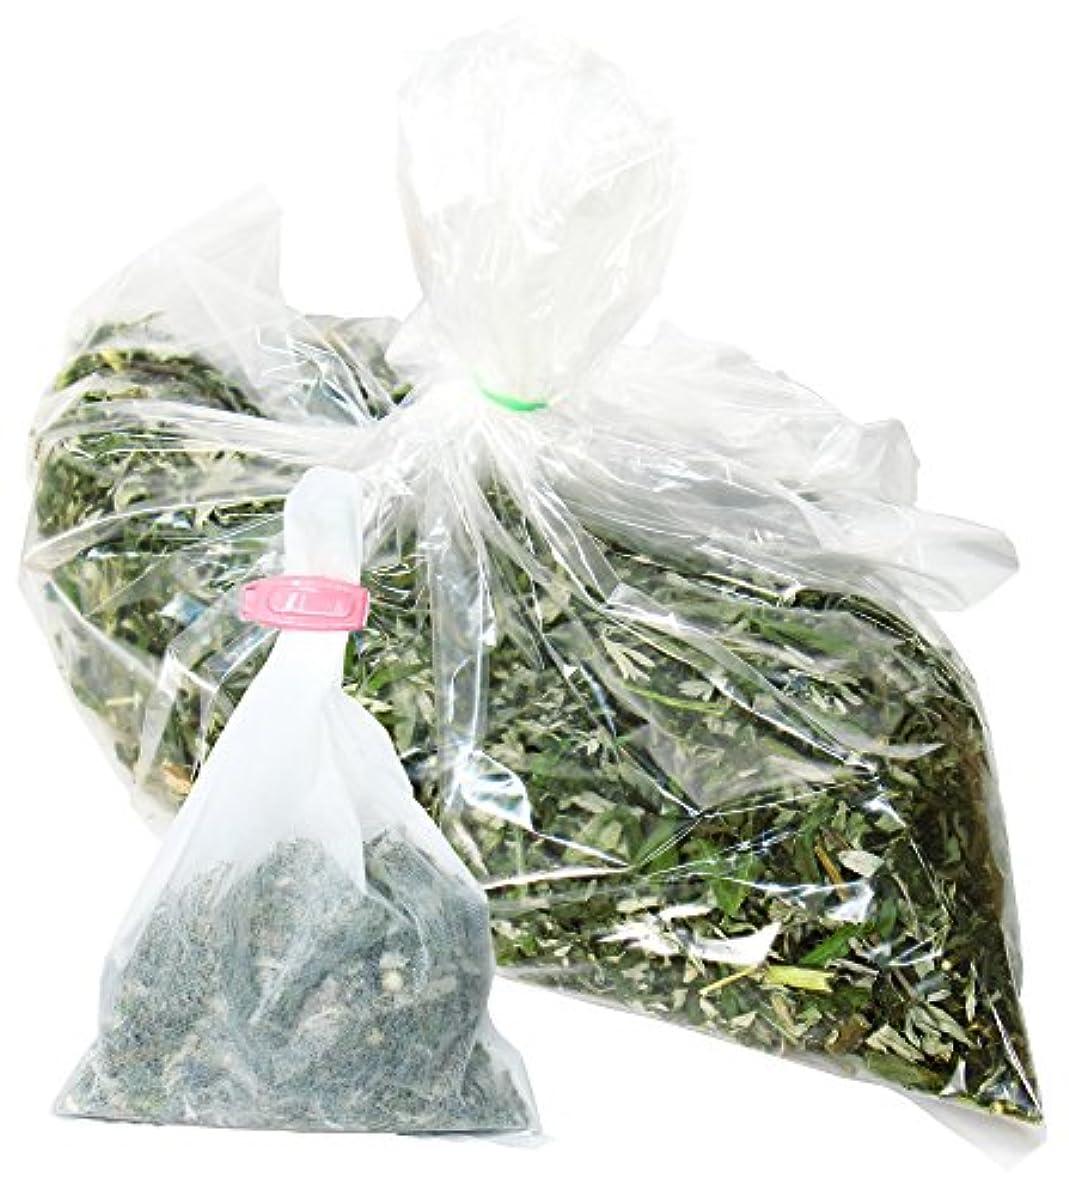 休眠アラブ人ジャベスウィルソン自然健康社 よもぎ蒸しのよもぎ 250g 乾燥刻み 煮出し袋10枚付